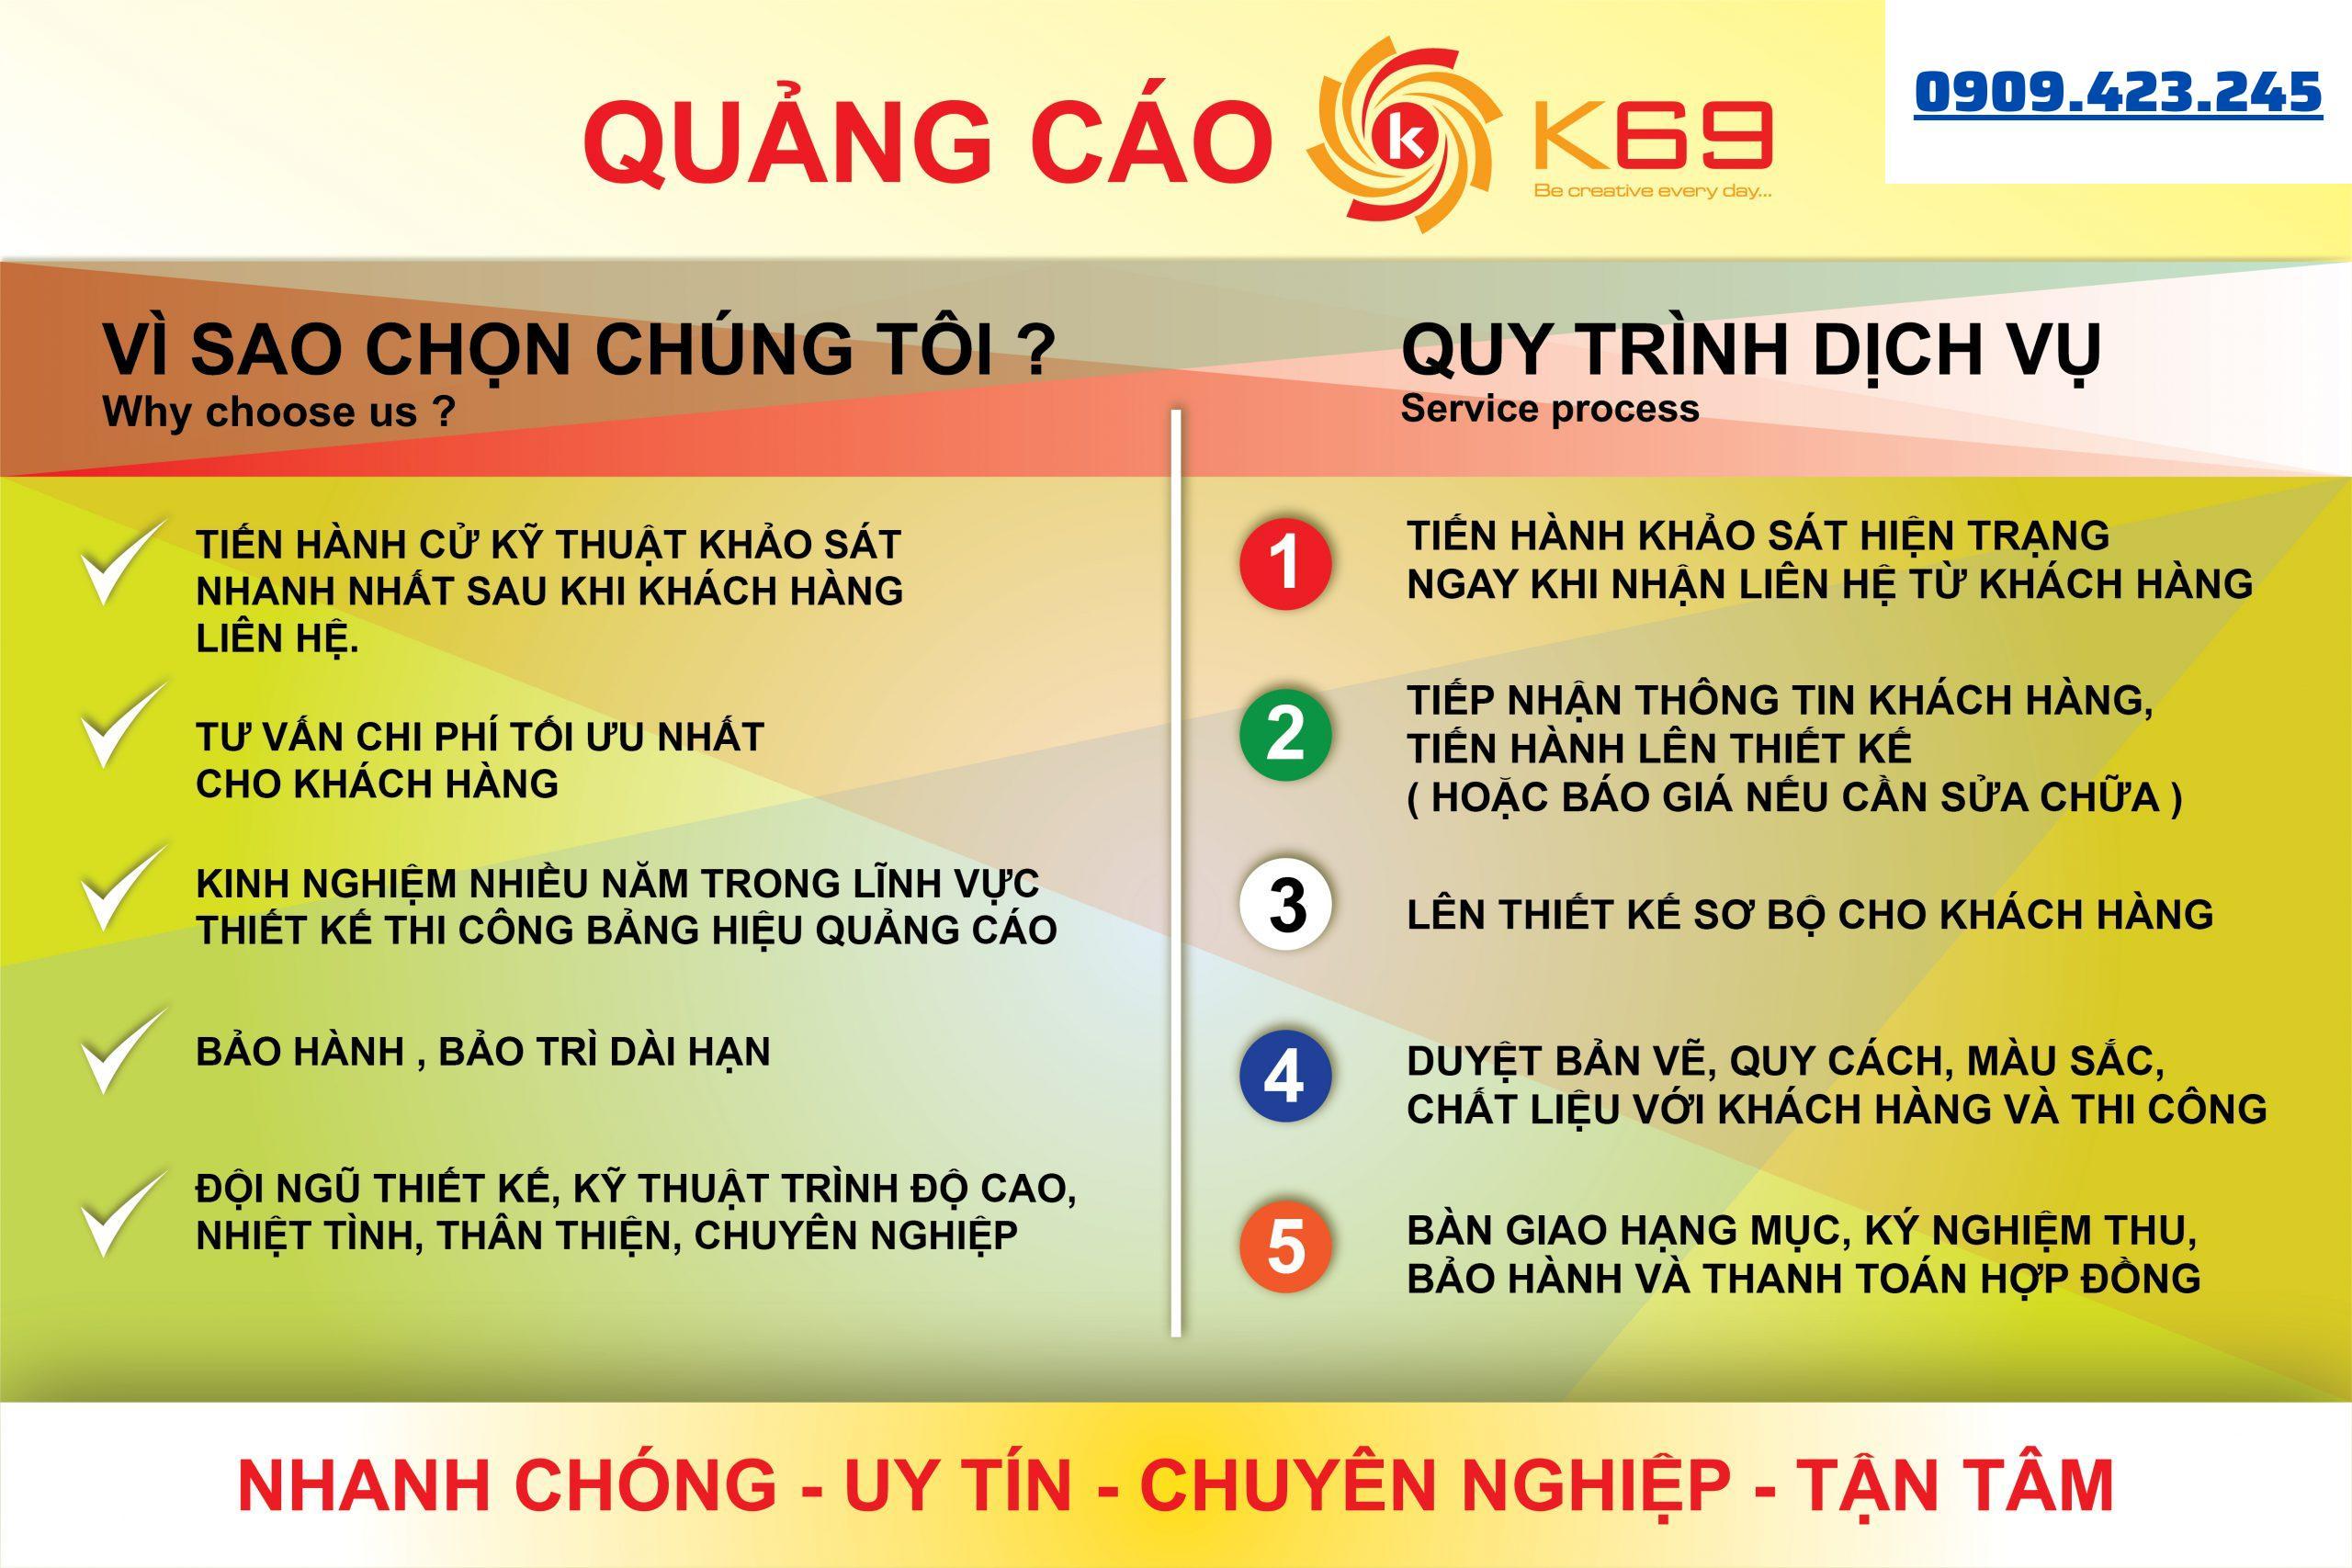 Hy vọng sẽ nhận được sự quan tâm và hợp tác của quý khách khi muốn làm bảng hiệu tại quận Tân Bình